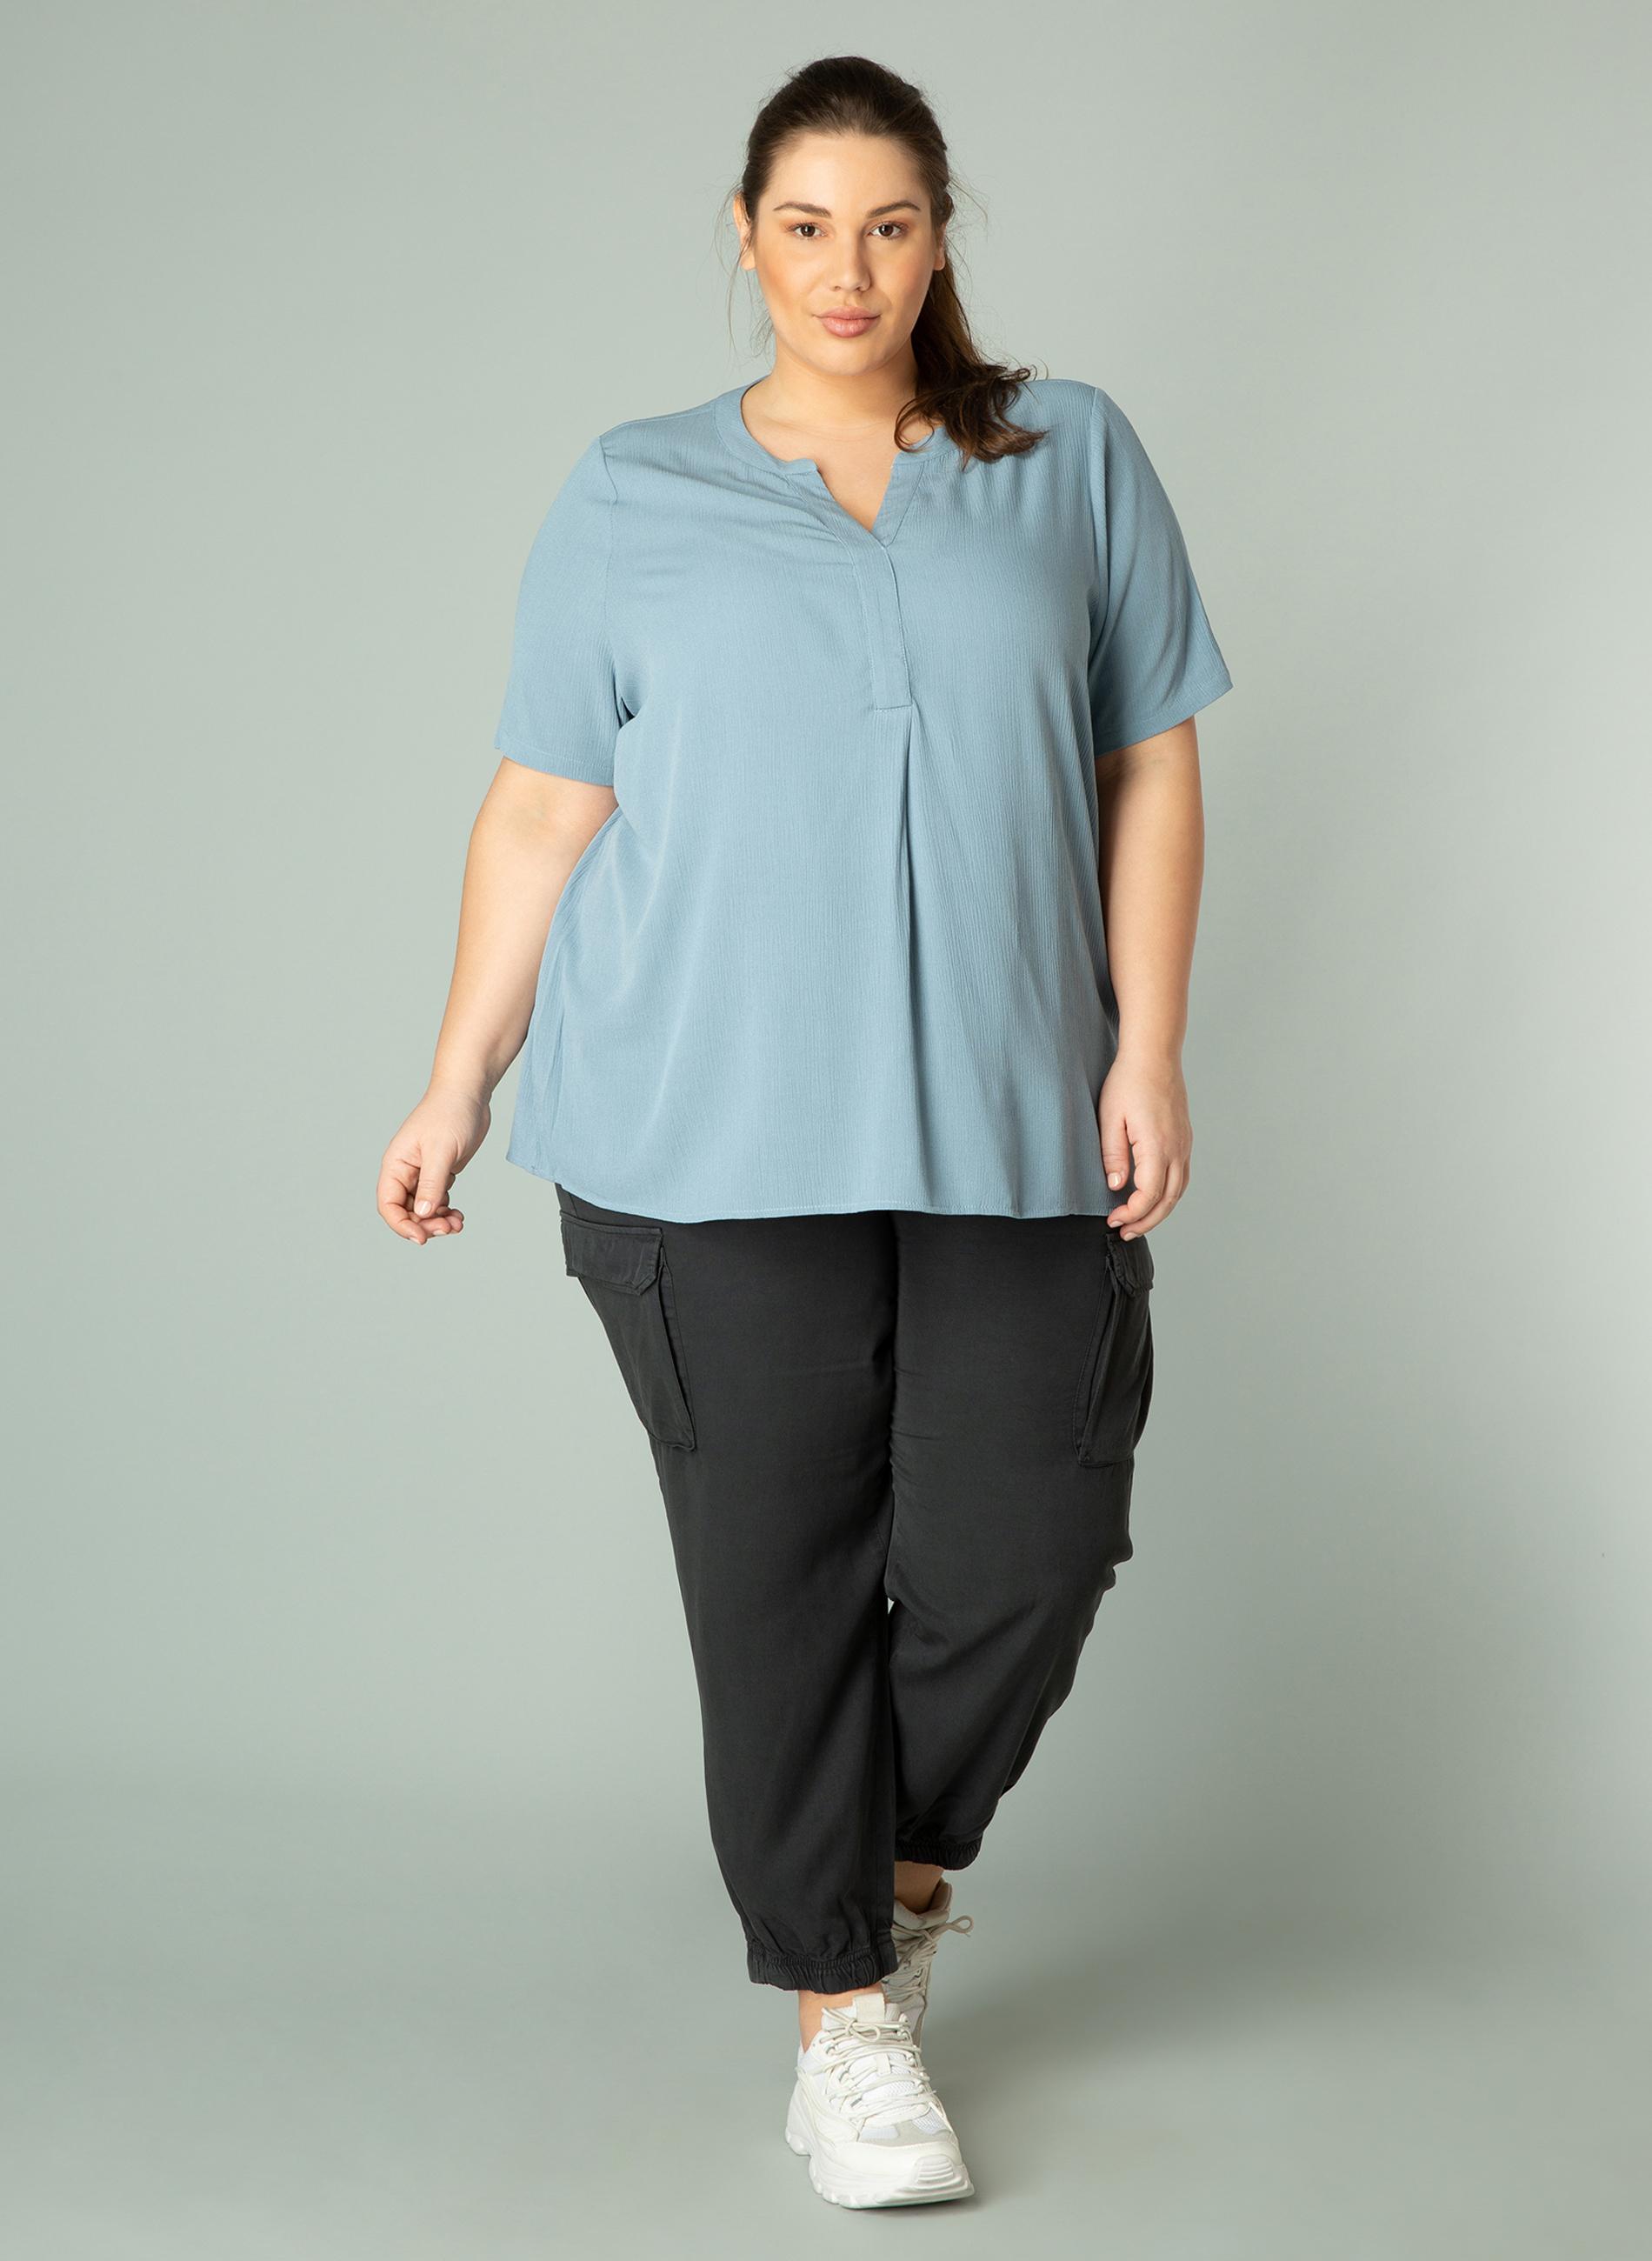 Shirt Henna Yesta 78 cm